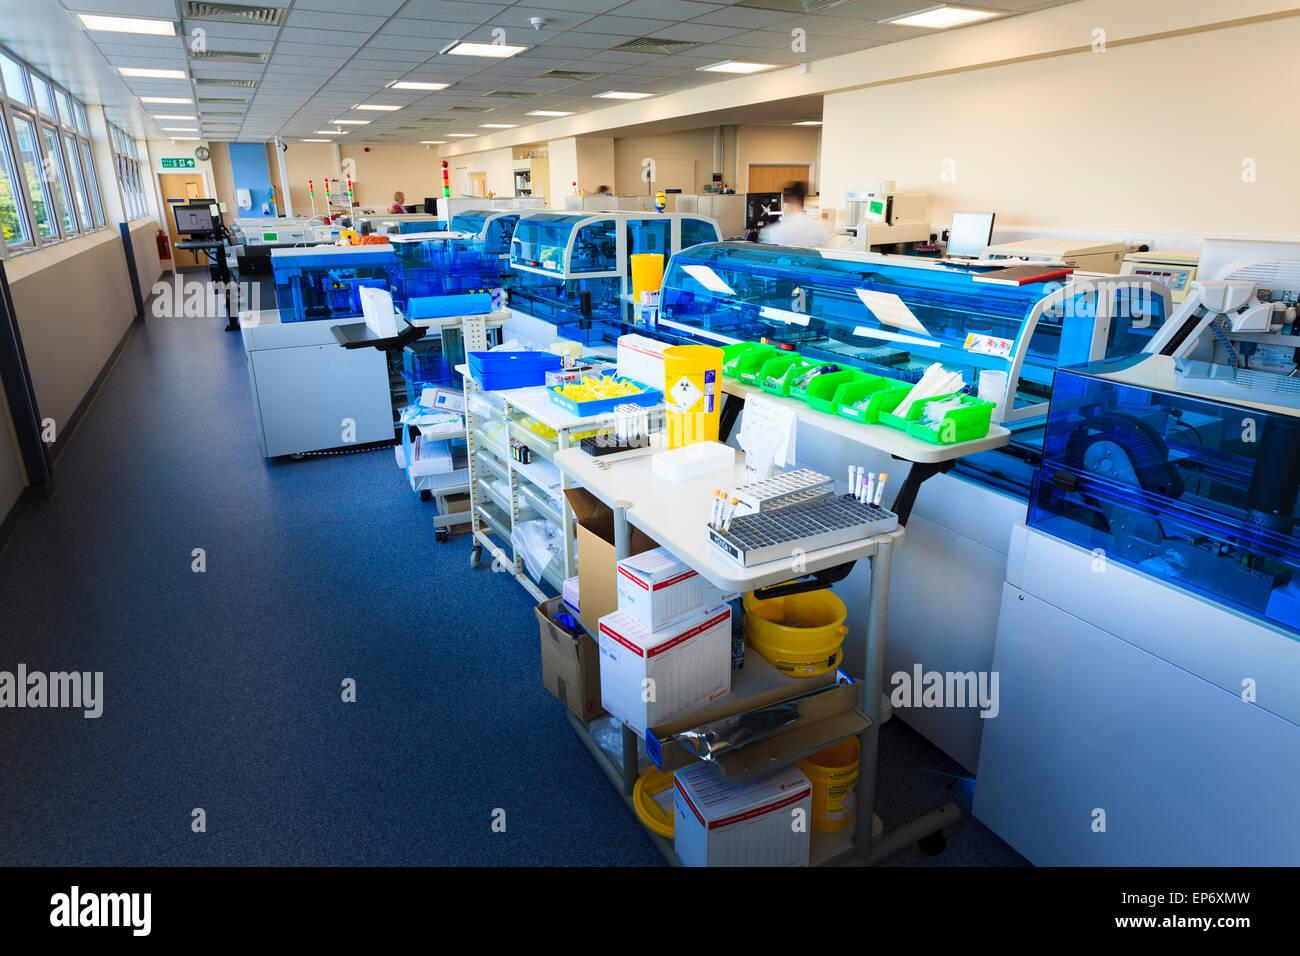 Blut Wissenschaften automatisierte Analyse Maschine im Krankenhaus Stockbild